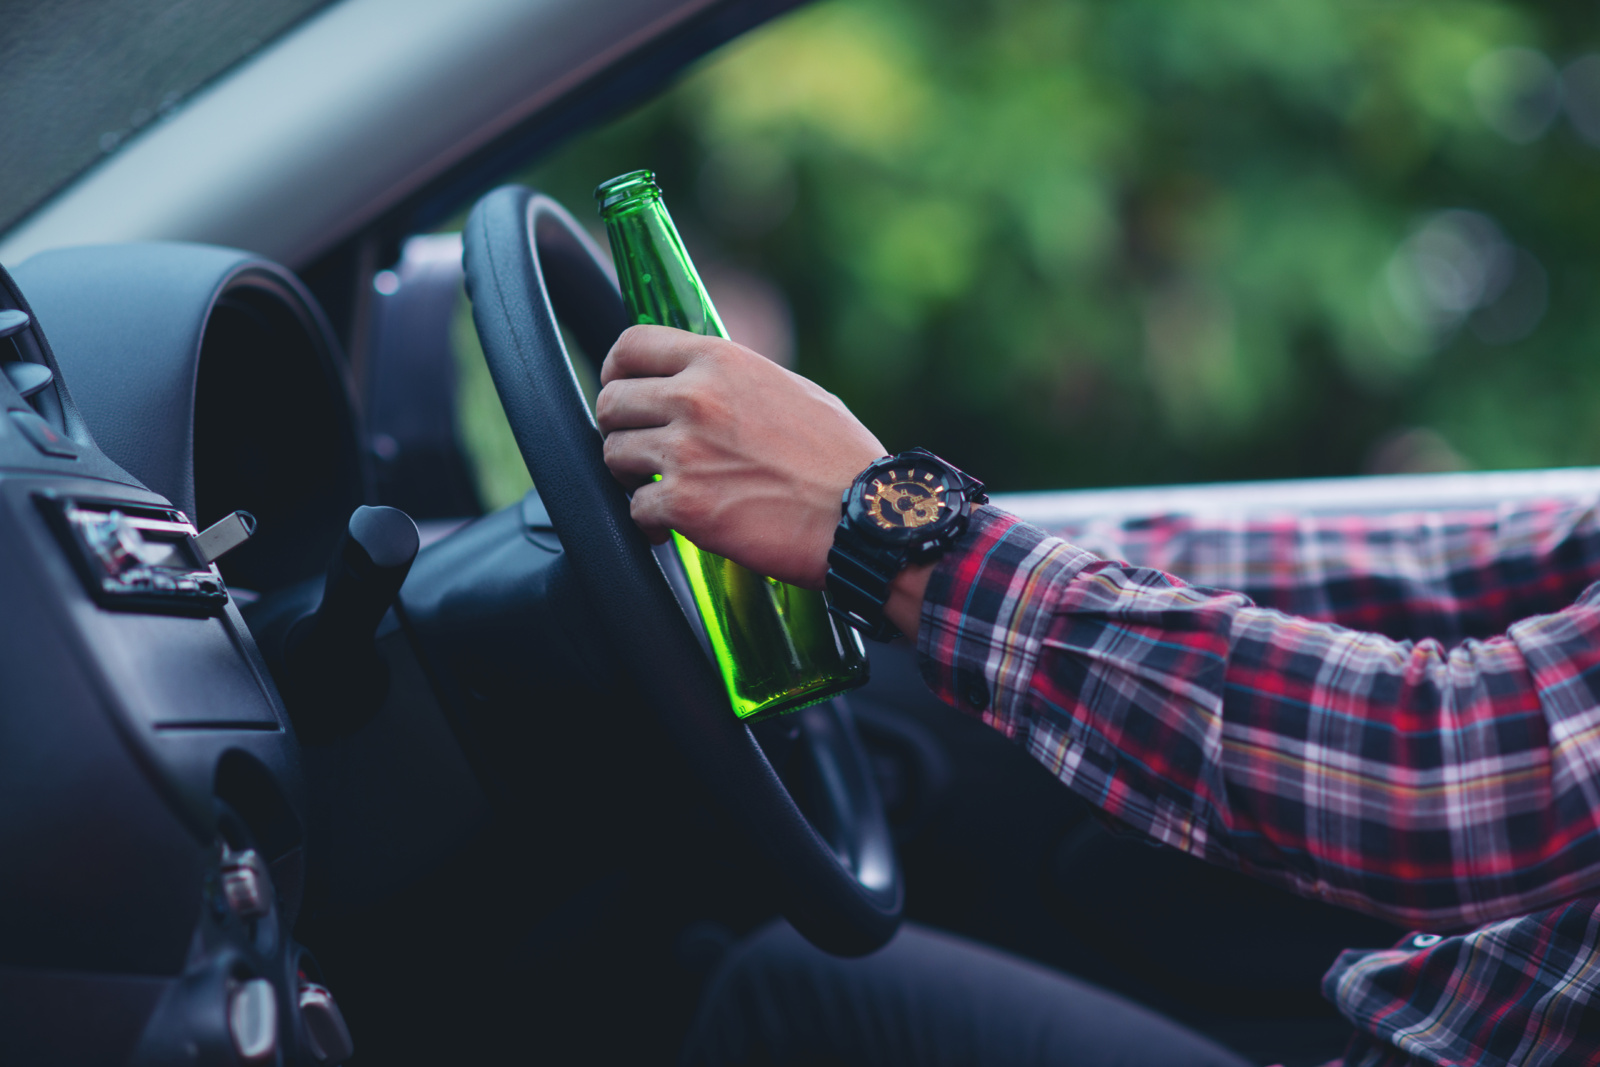 Šiauliuose penktadienį - trys girti vairuotojai, moteris girčiausia